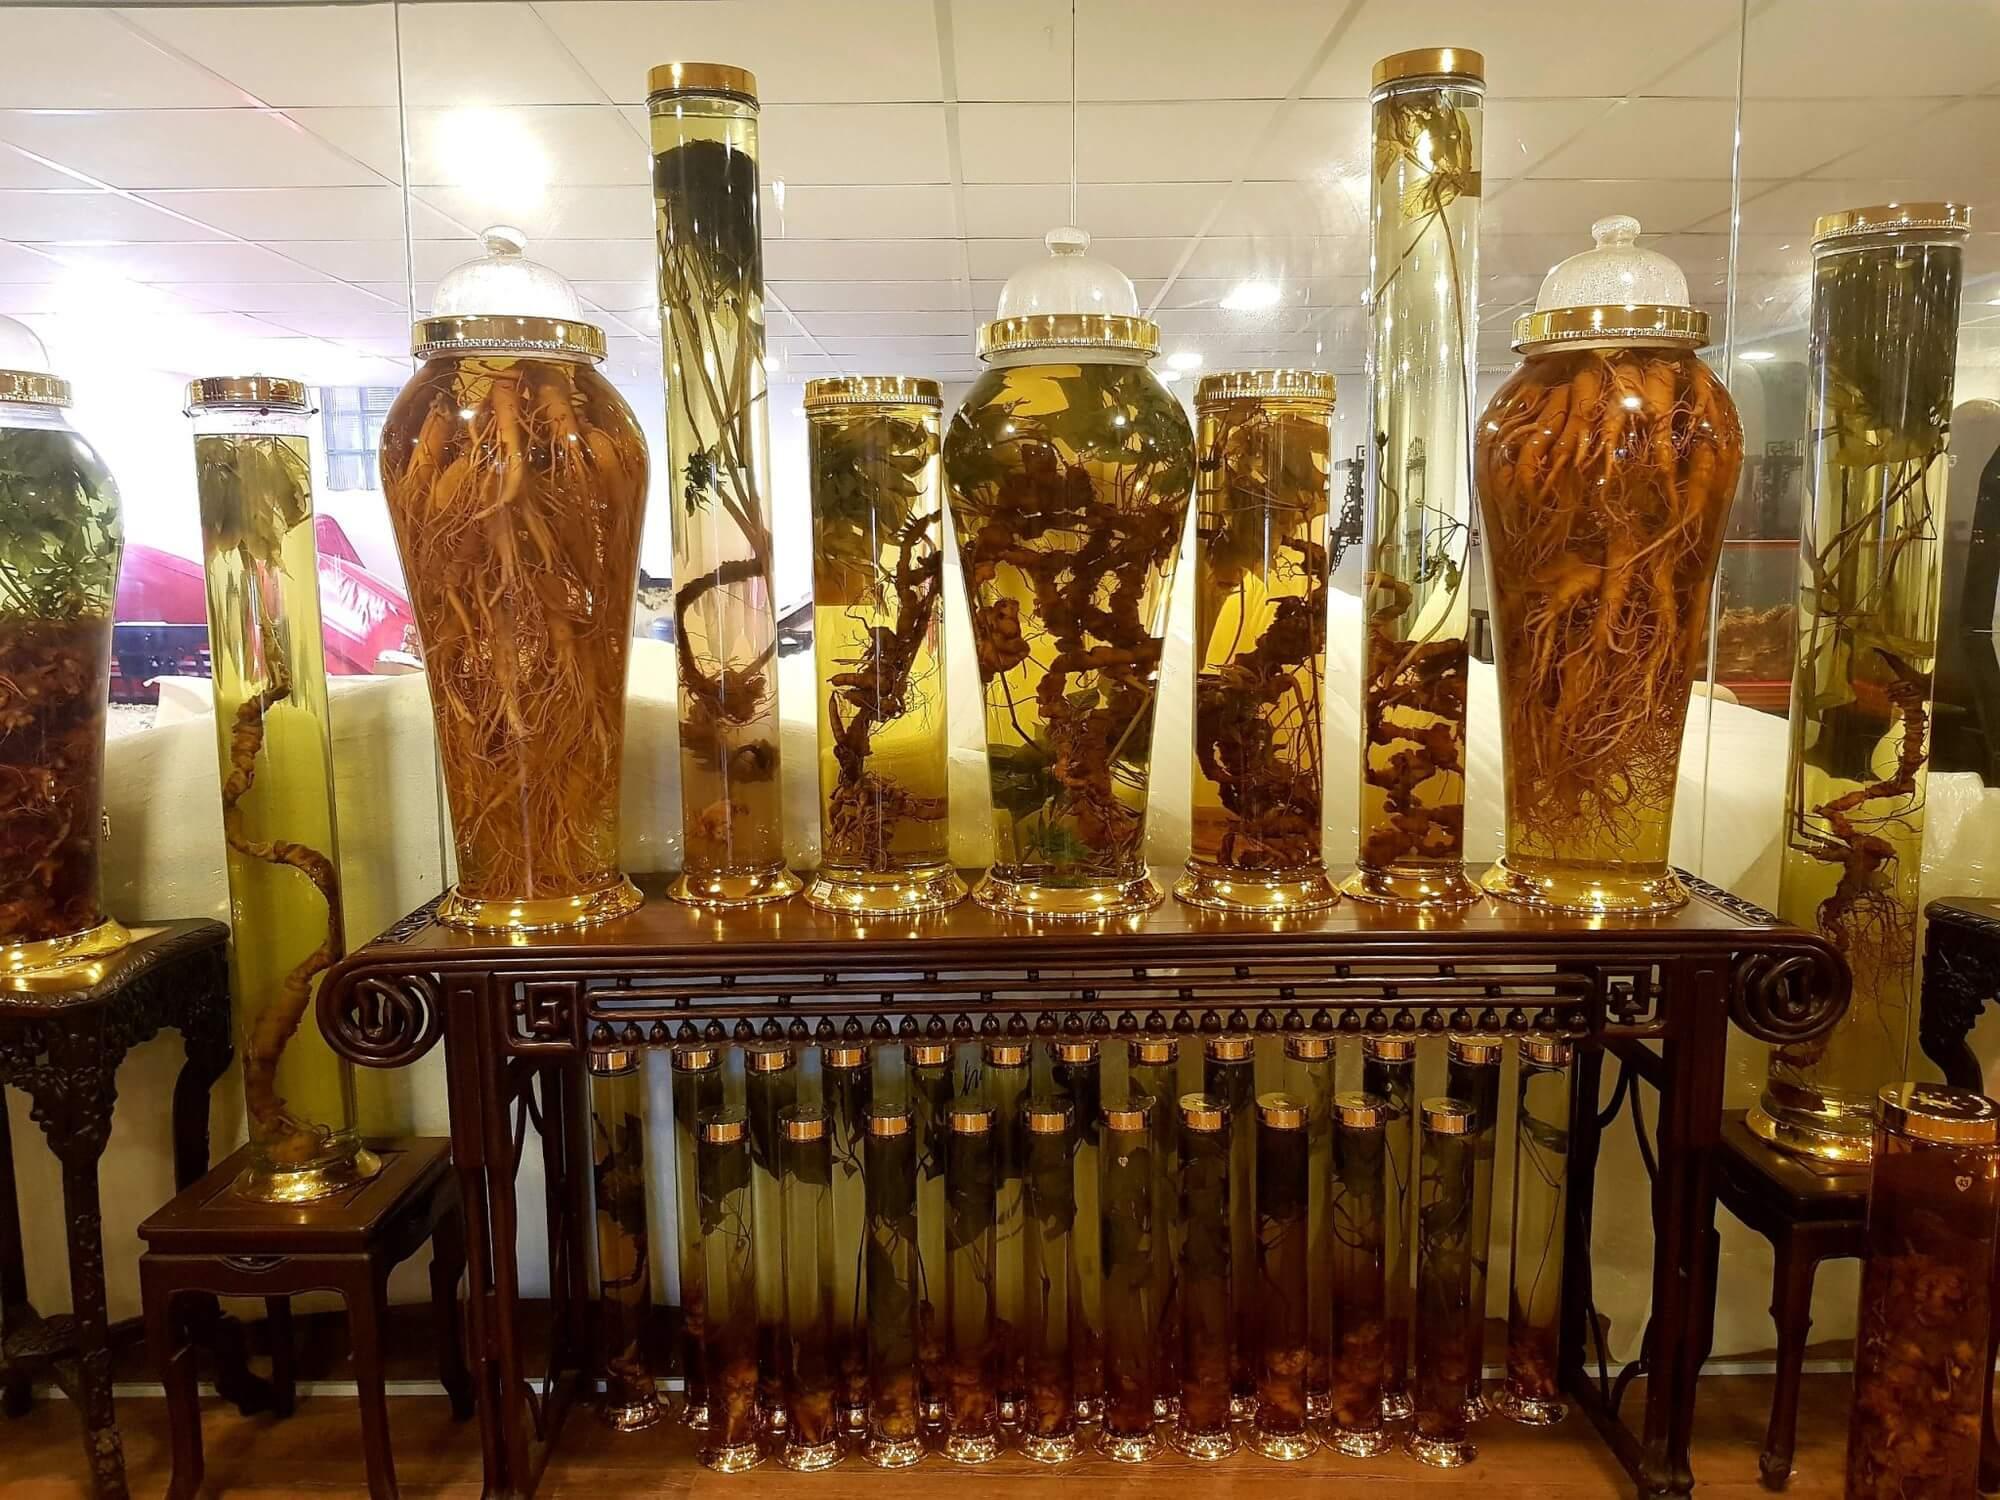 Một số hình ảnh về sản phẩm bình rượu sâm Ngọc Linh đẹp